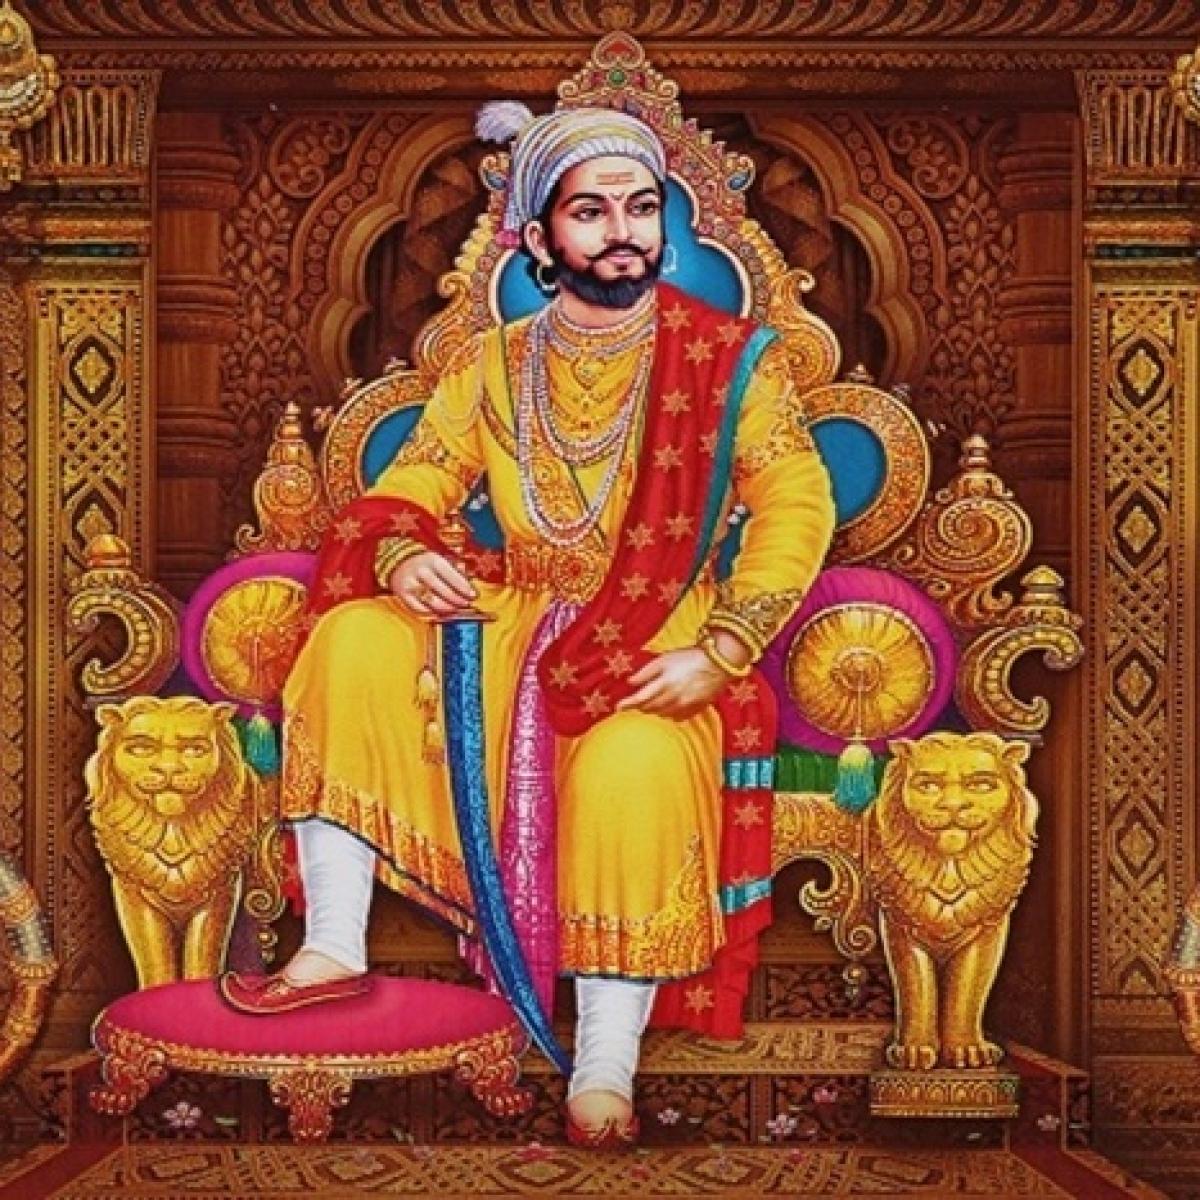 Chhatrapati Shivaji Maharaj Jayanti 2020: 8 wives of the Maratha Emperor